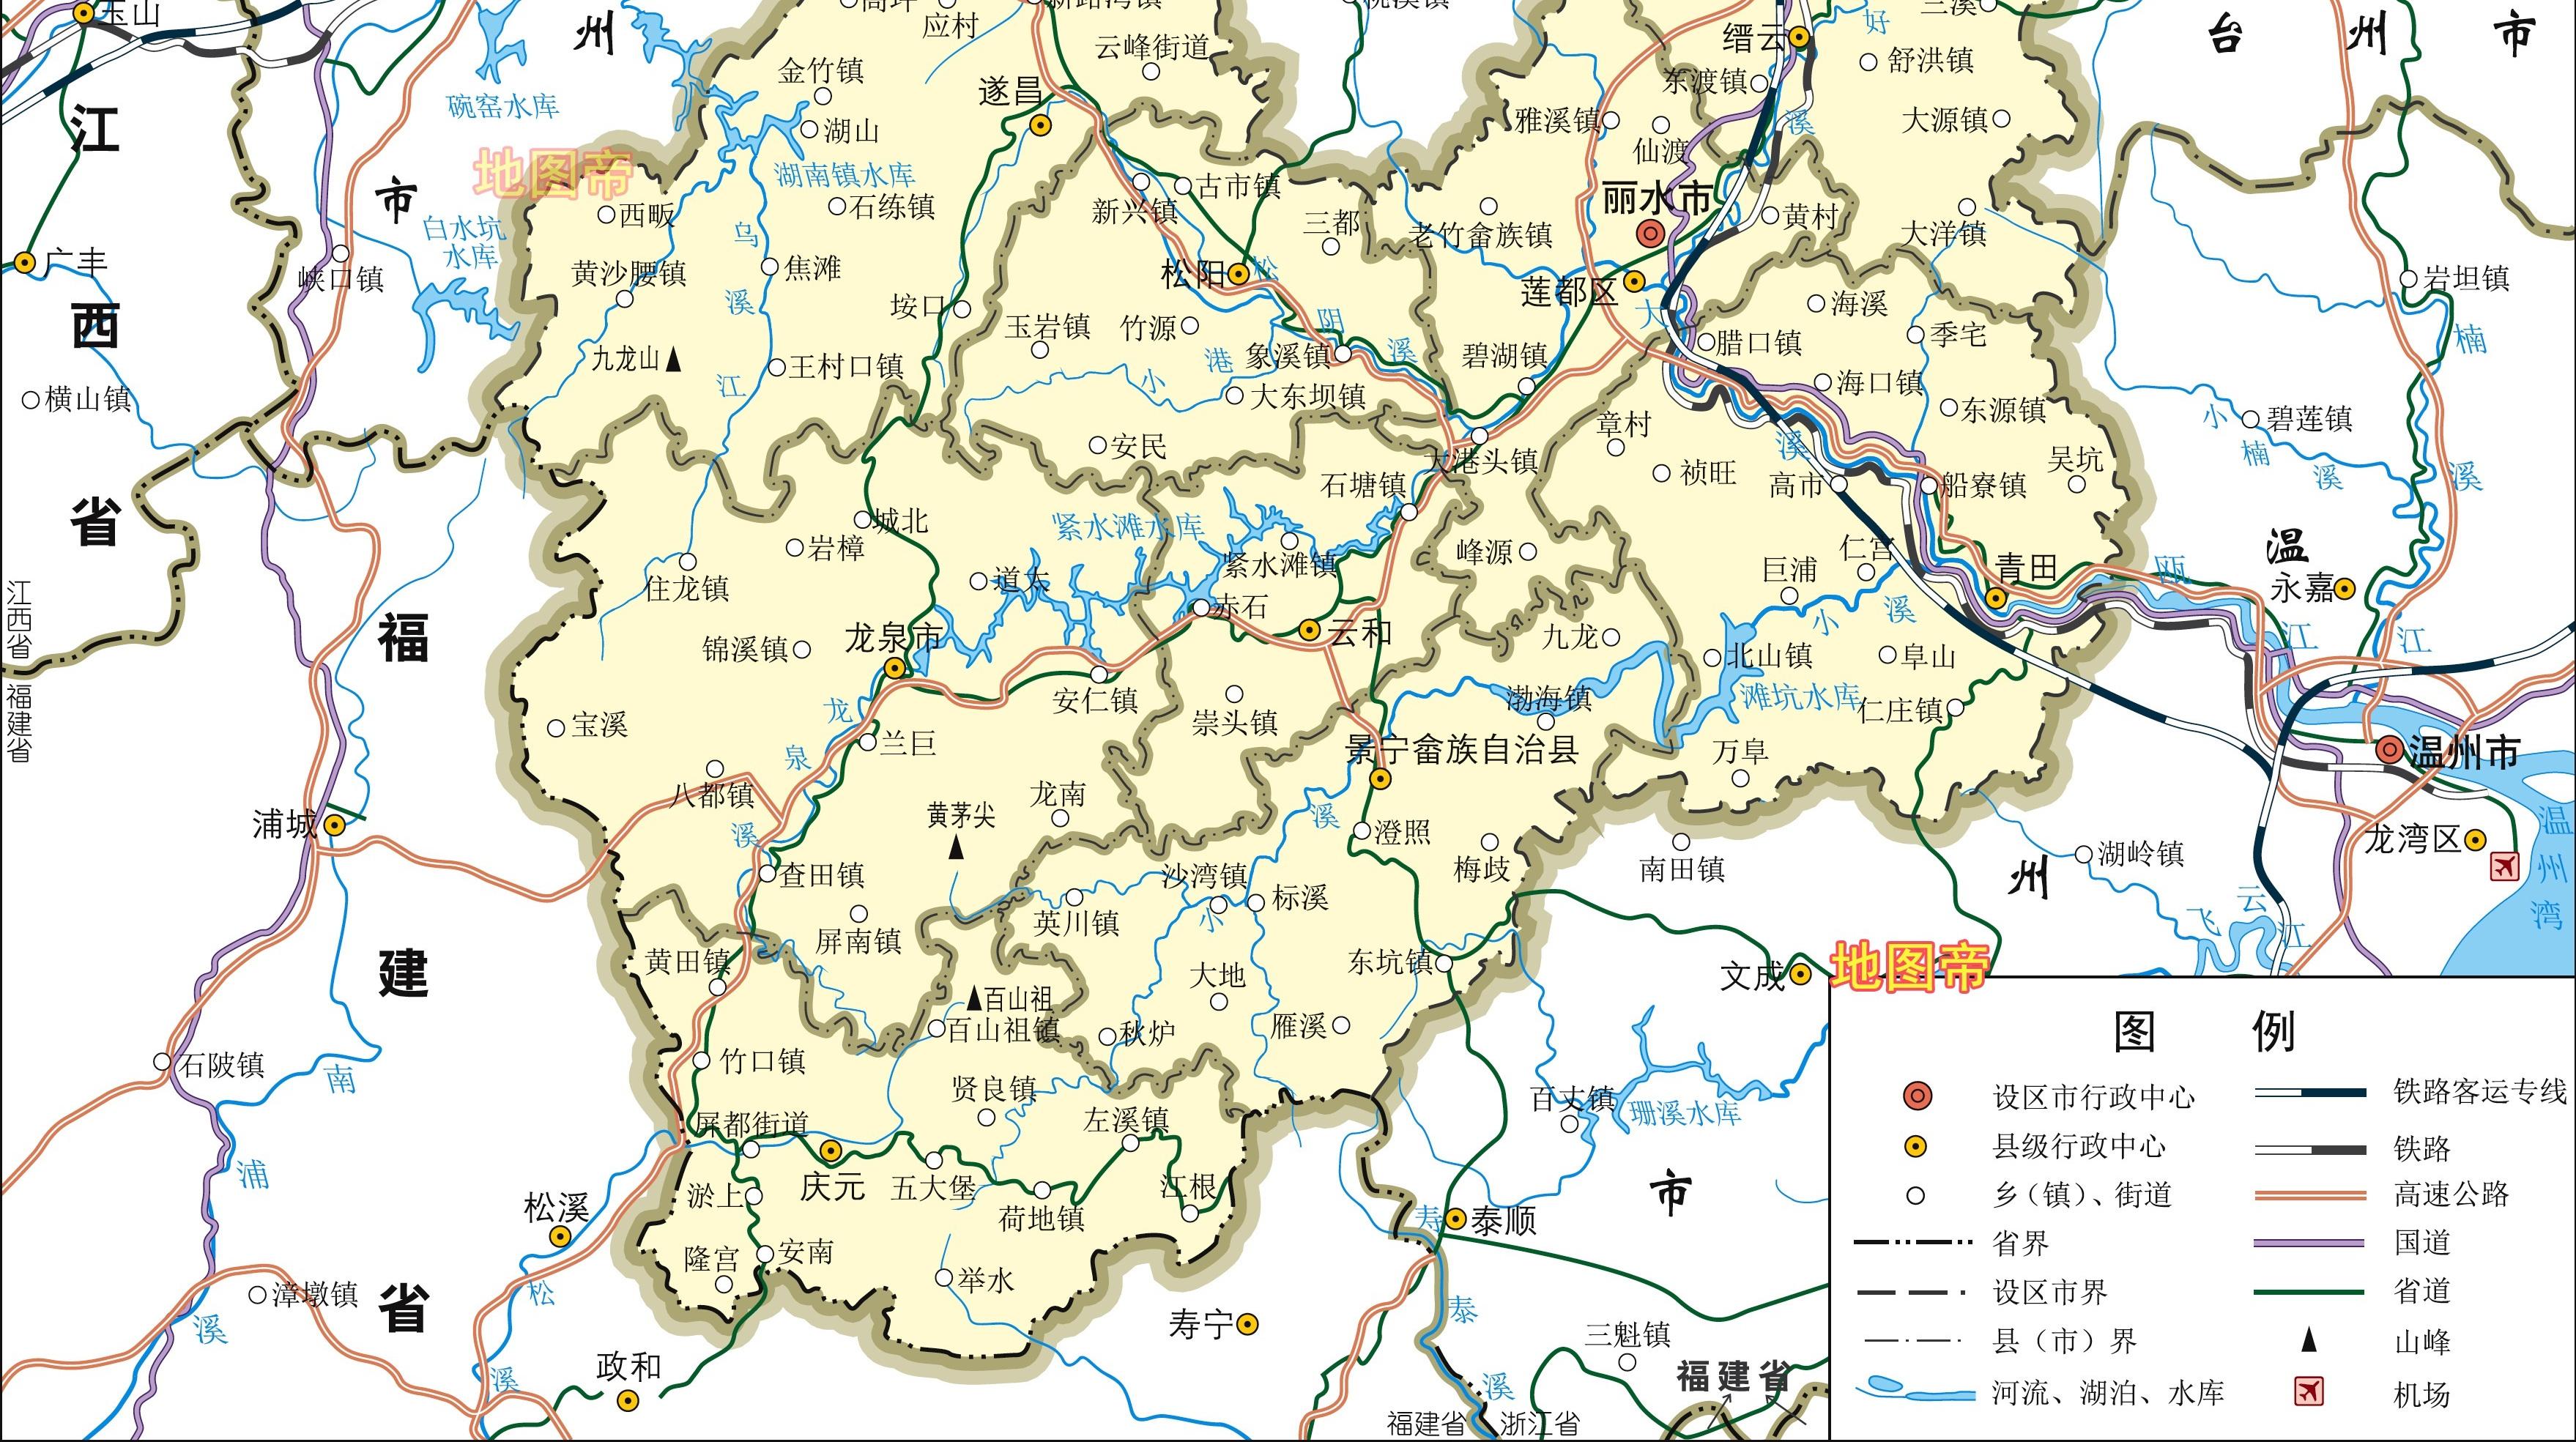 丽水市1区7县1市高清地图,浙江陆域面积最大地级市